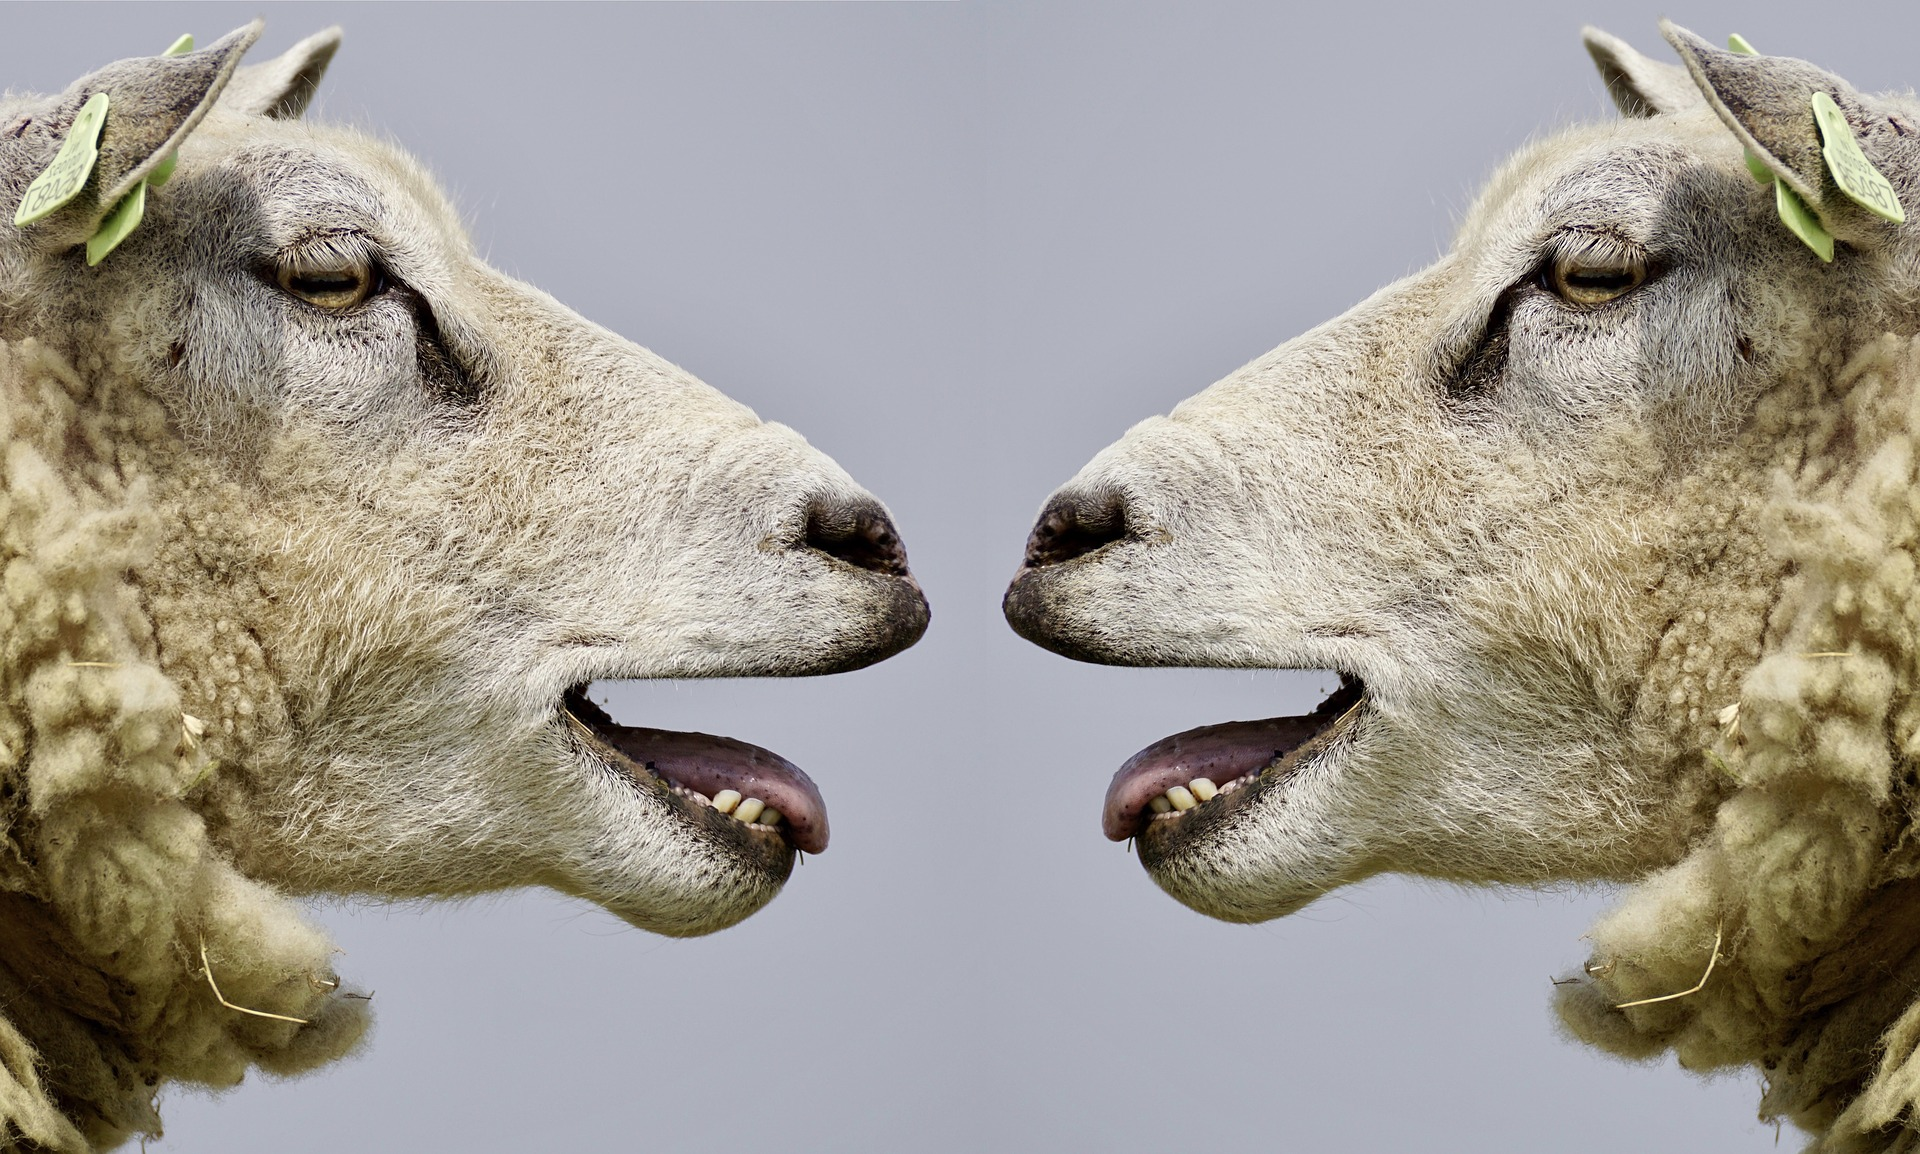 sheep-2372148_1920.jpg